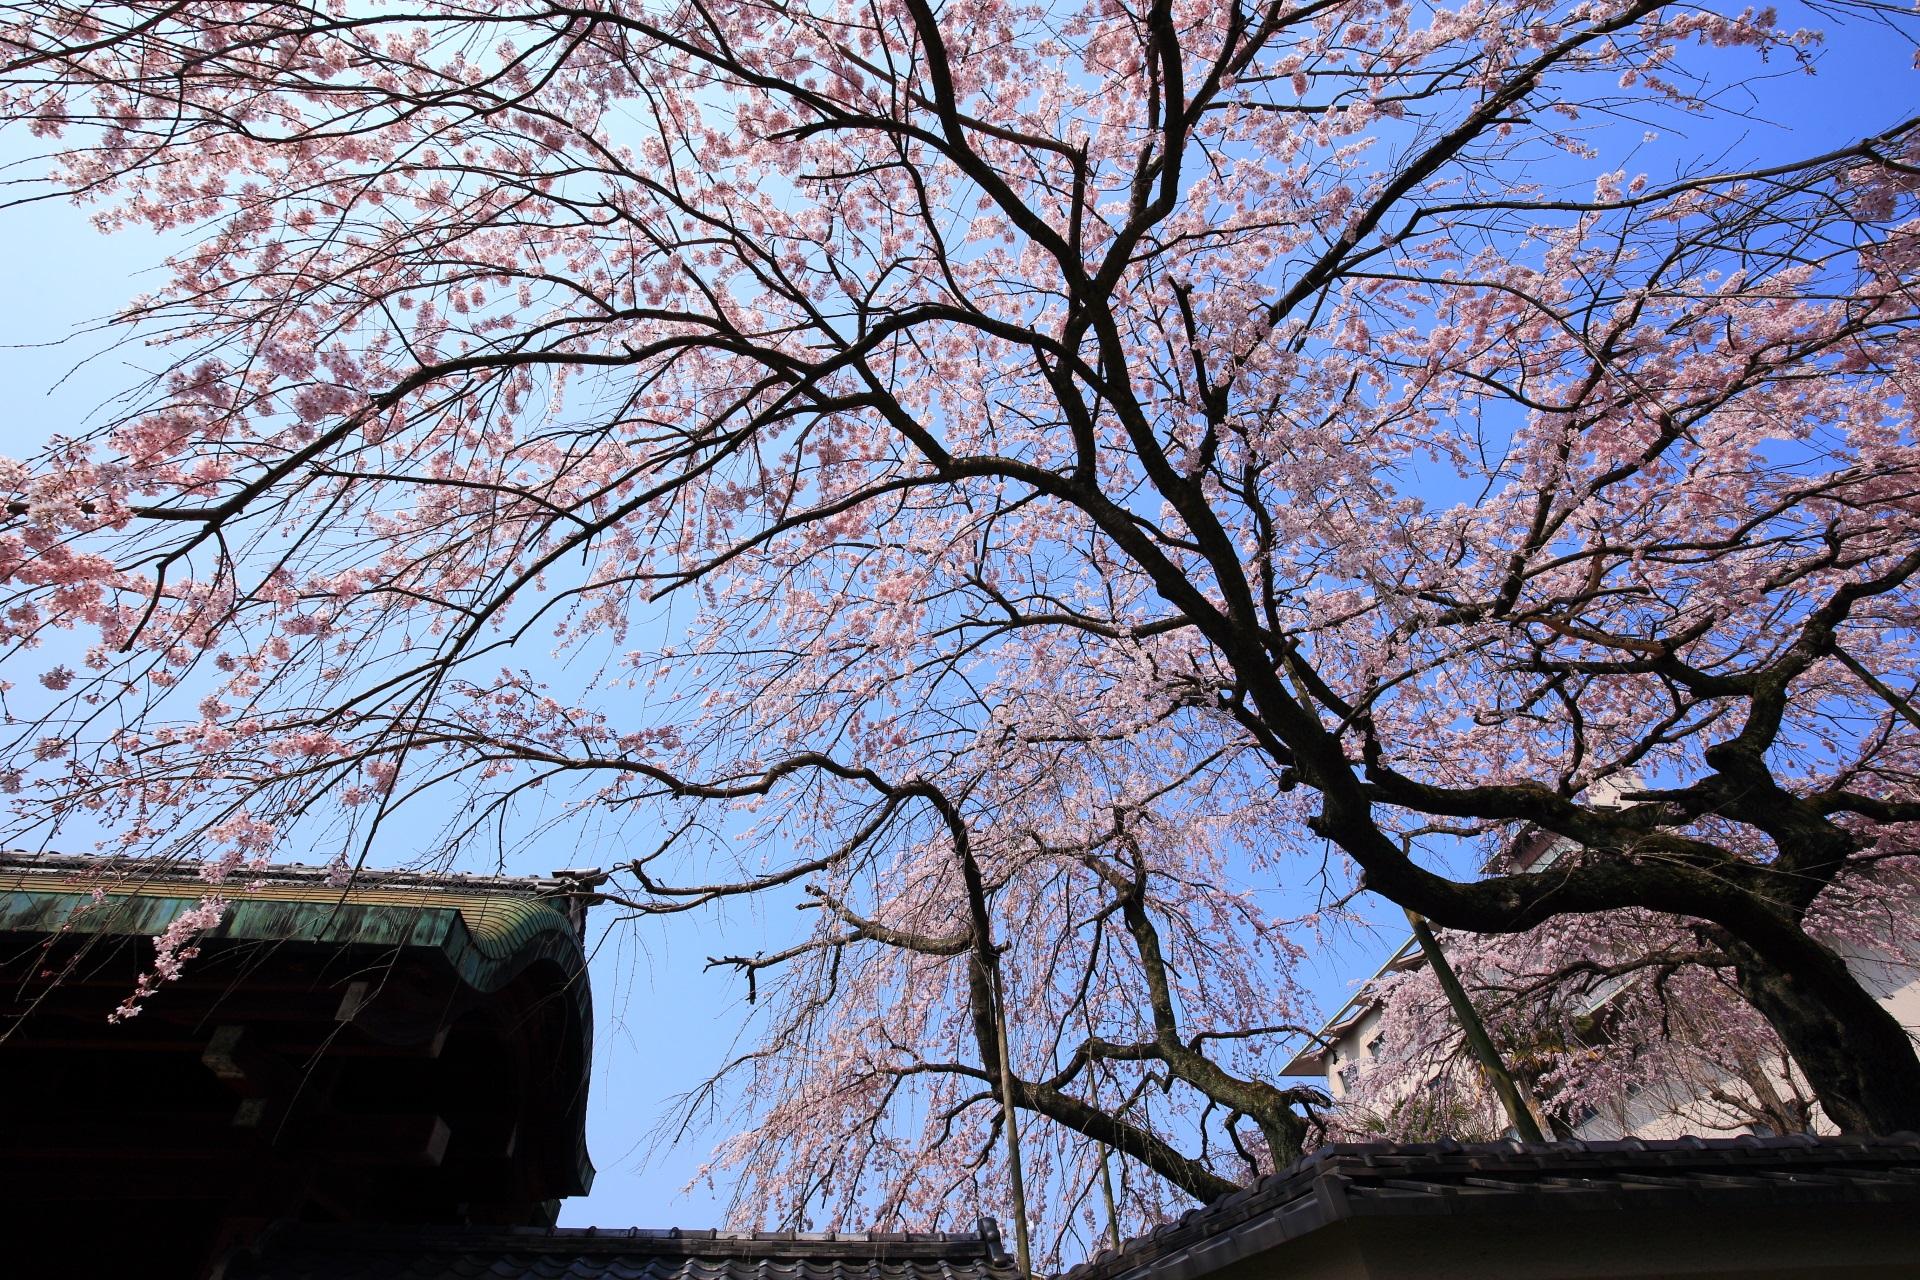 平安女学院 有栖館 桜 青空を覆う圧巻のしだれ桜